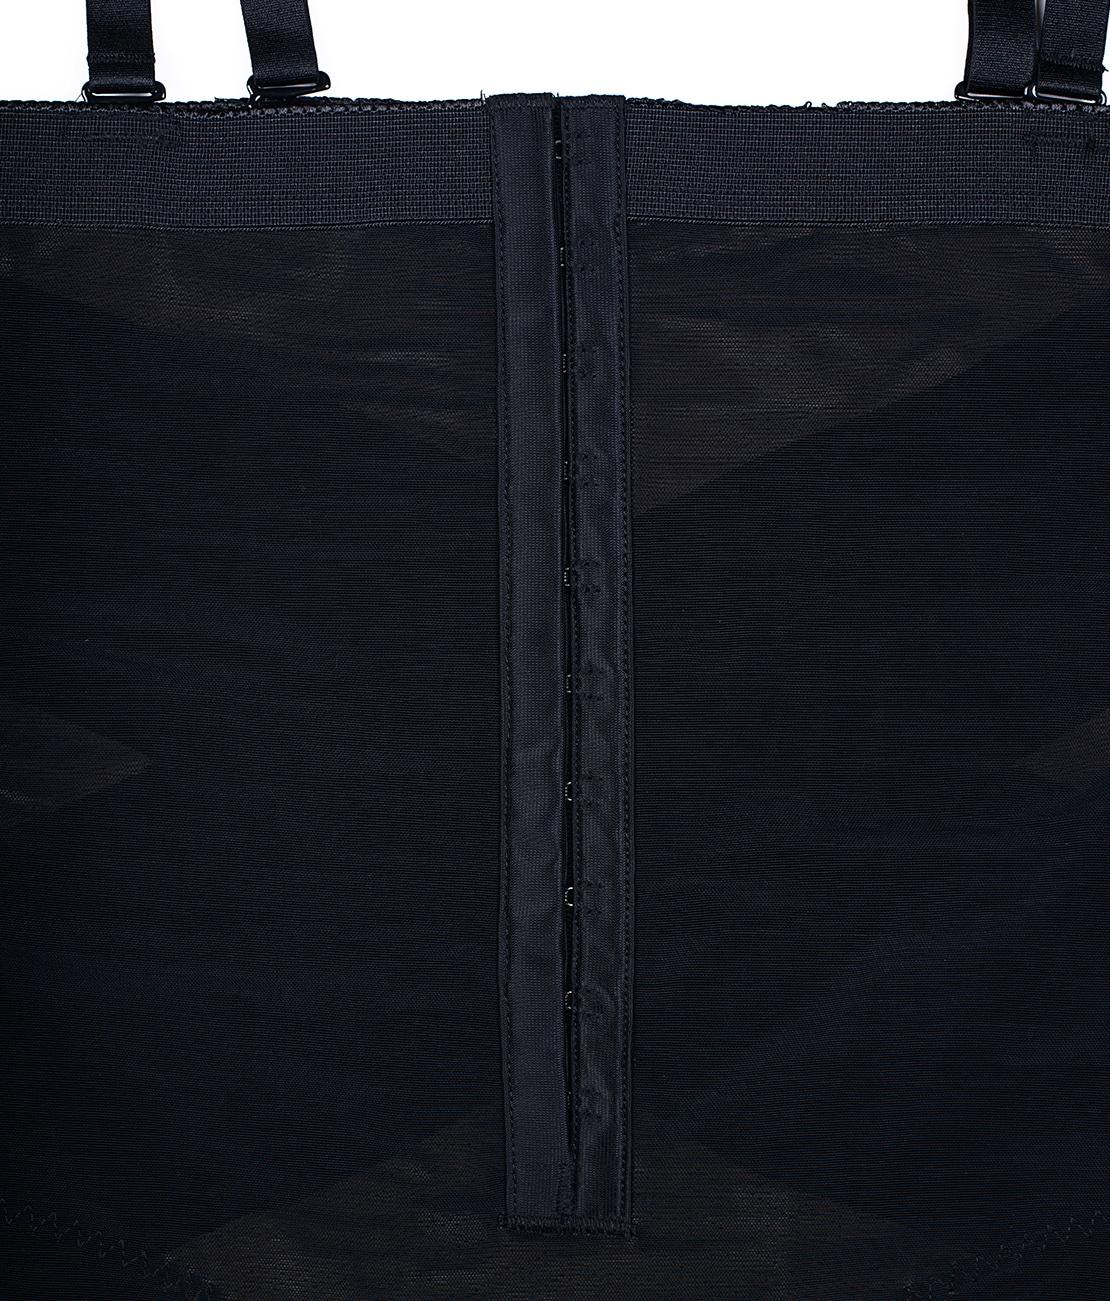 Le Panty Noir Transparent Packshot Detail 3